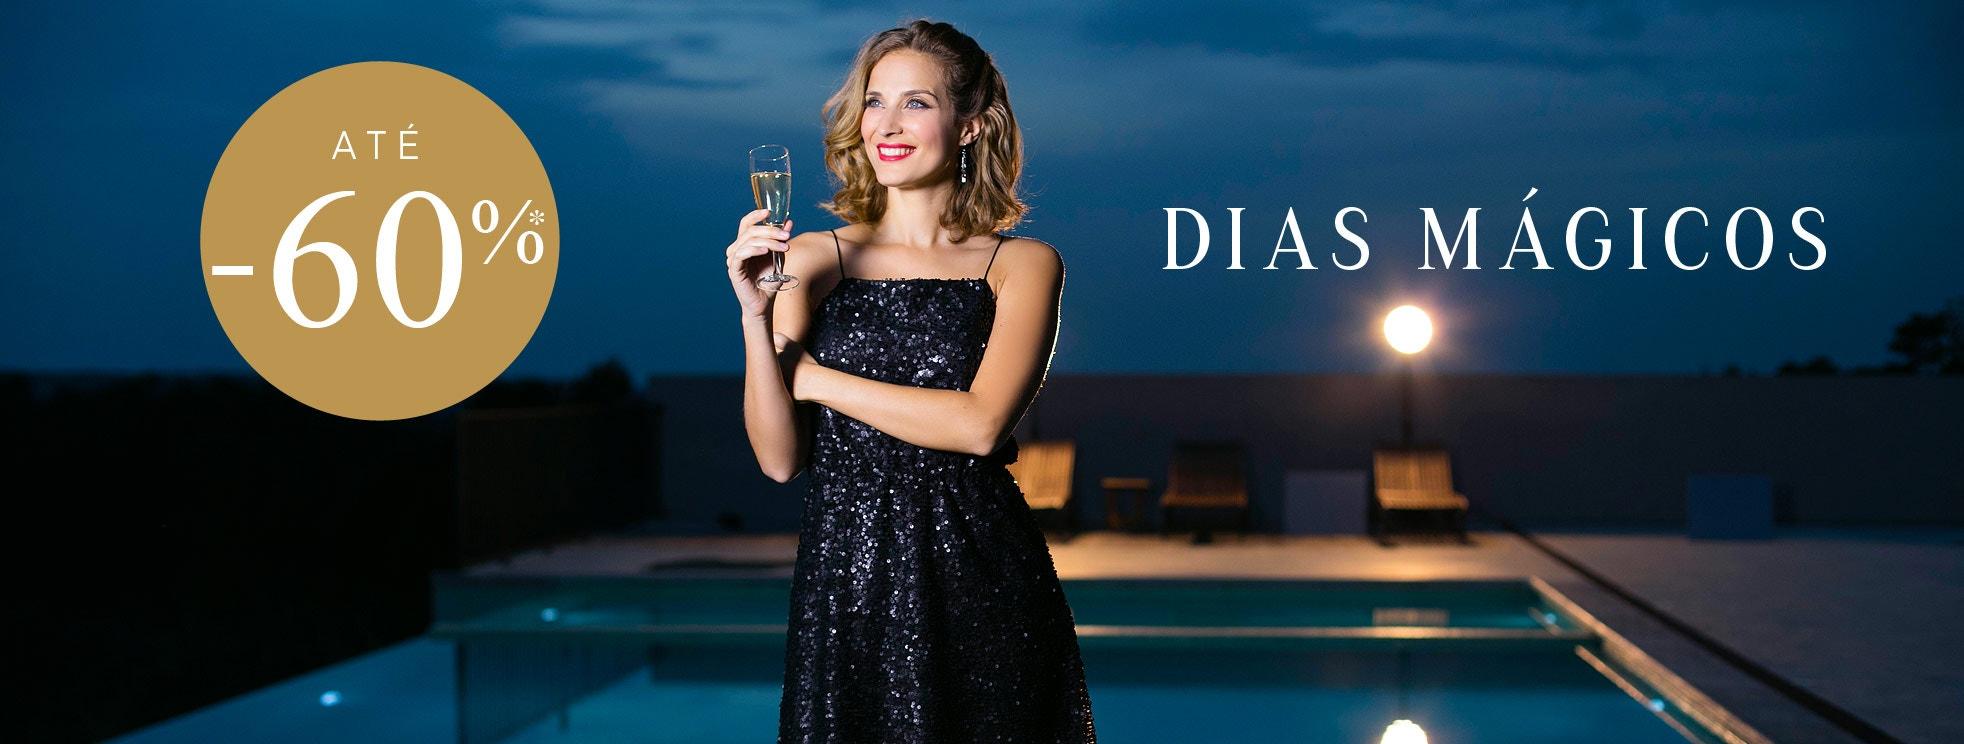 DiasMágicos até-60%* com LuísaBarbosa byLaRedoute